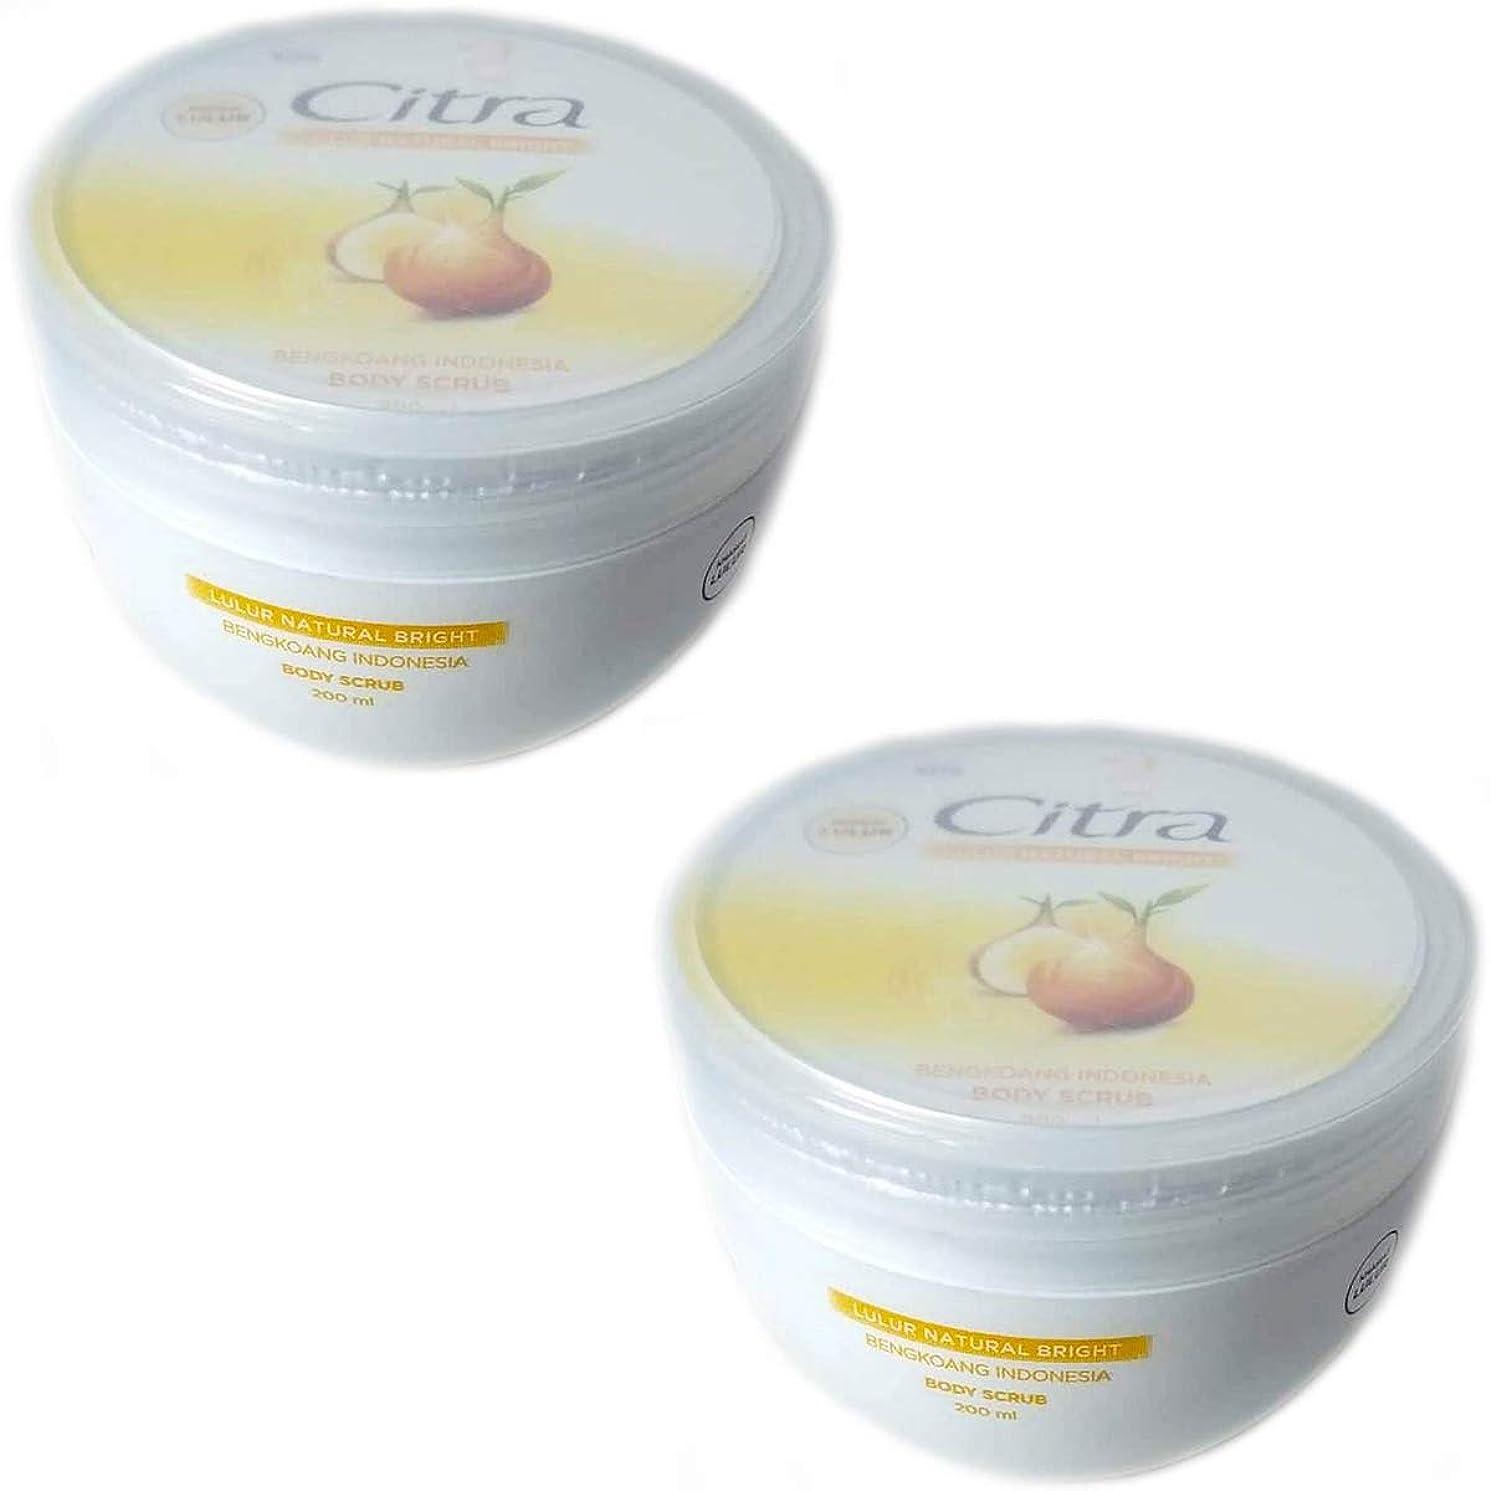 小屋フィード原油Citra チトラ ボディスクラブ Lulur Natural Bright ブンコアン 200ml × 2個セット [海外直送品]